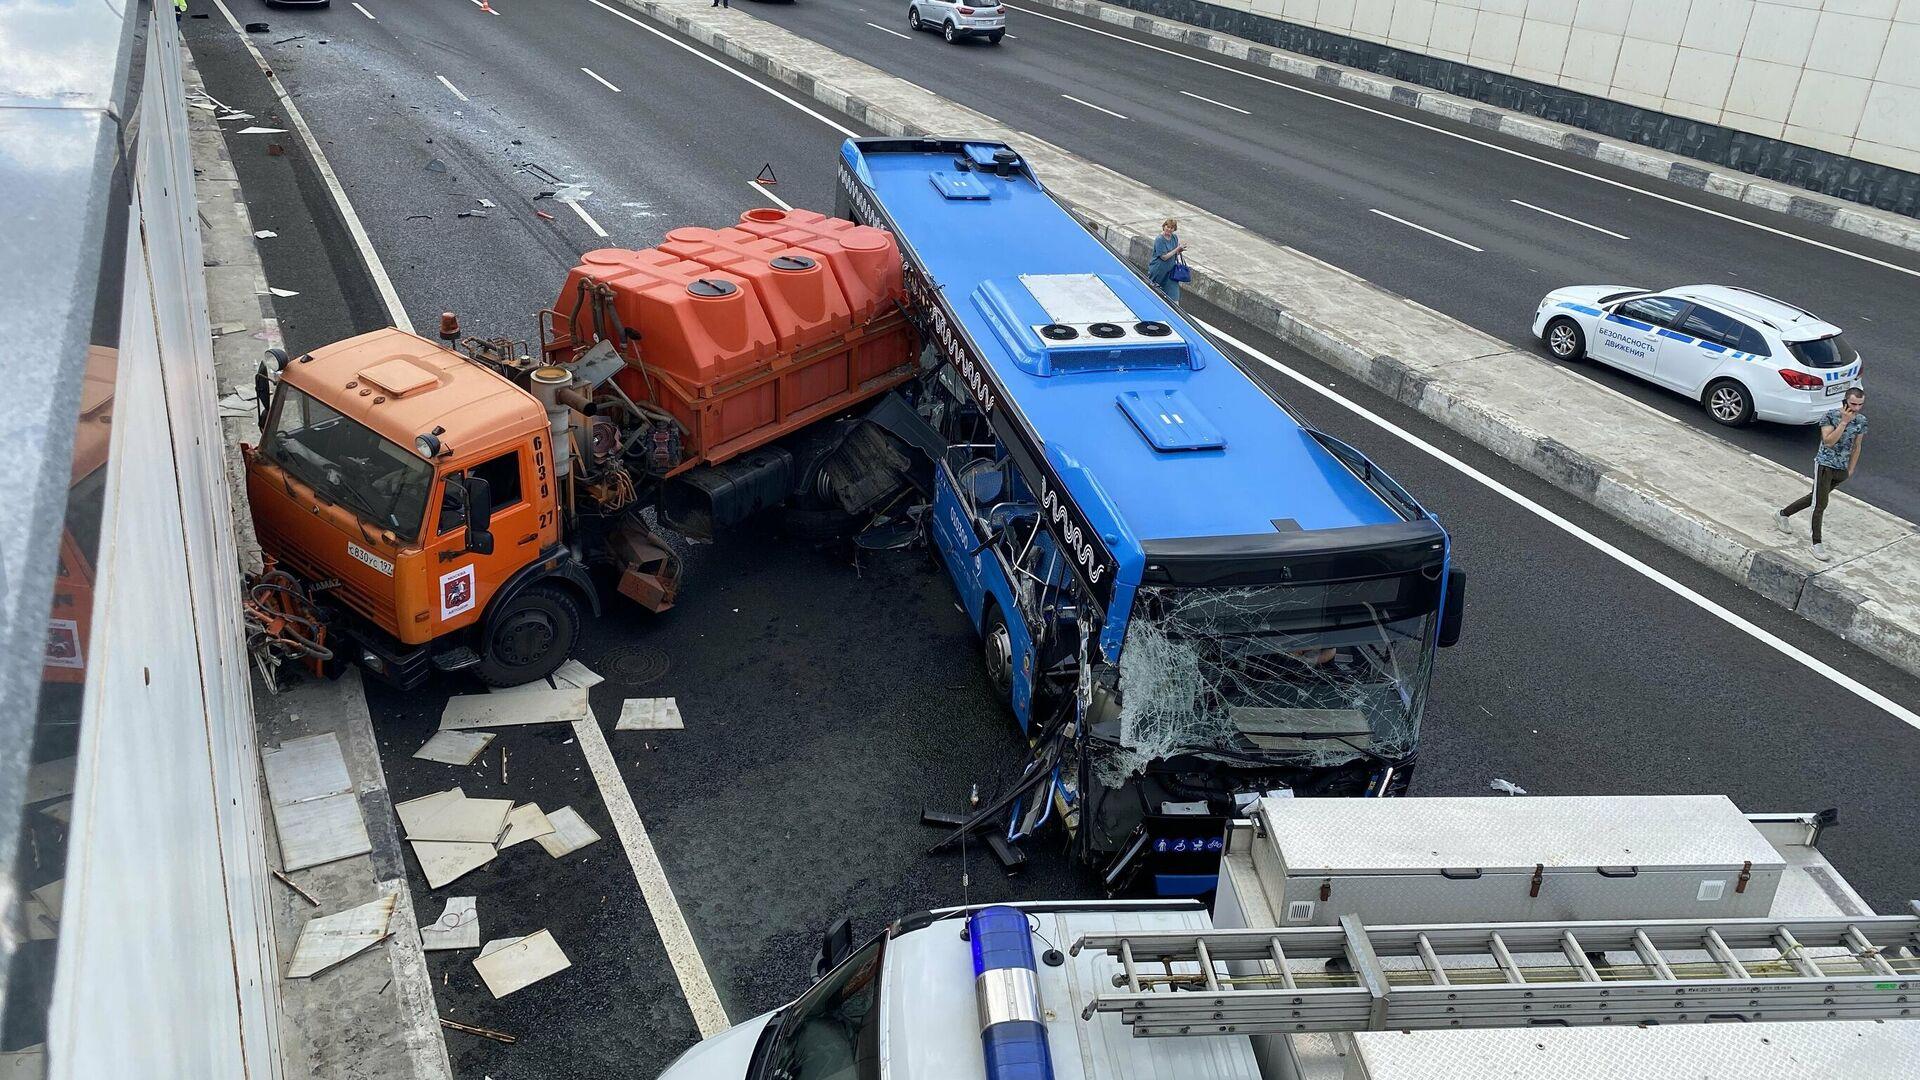 Последствия столкновения рейсового автобуса с грузовым автомобилем на Боровском шоссе в Москве - РИА Новости, 1920, 04.08.2021